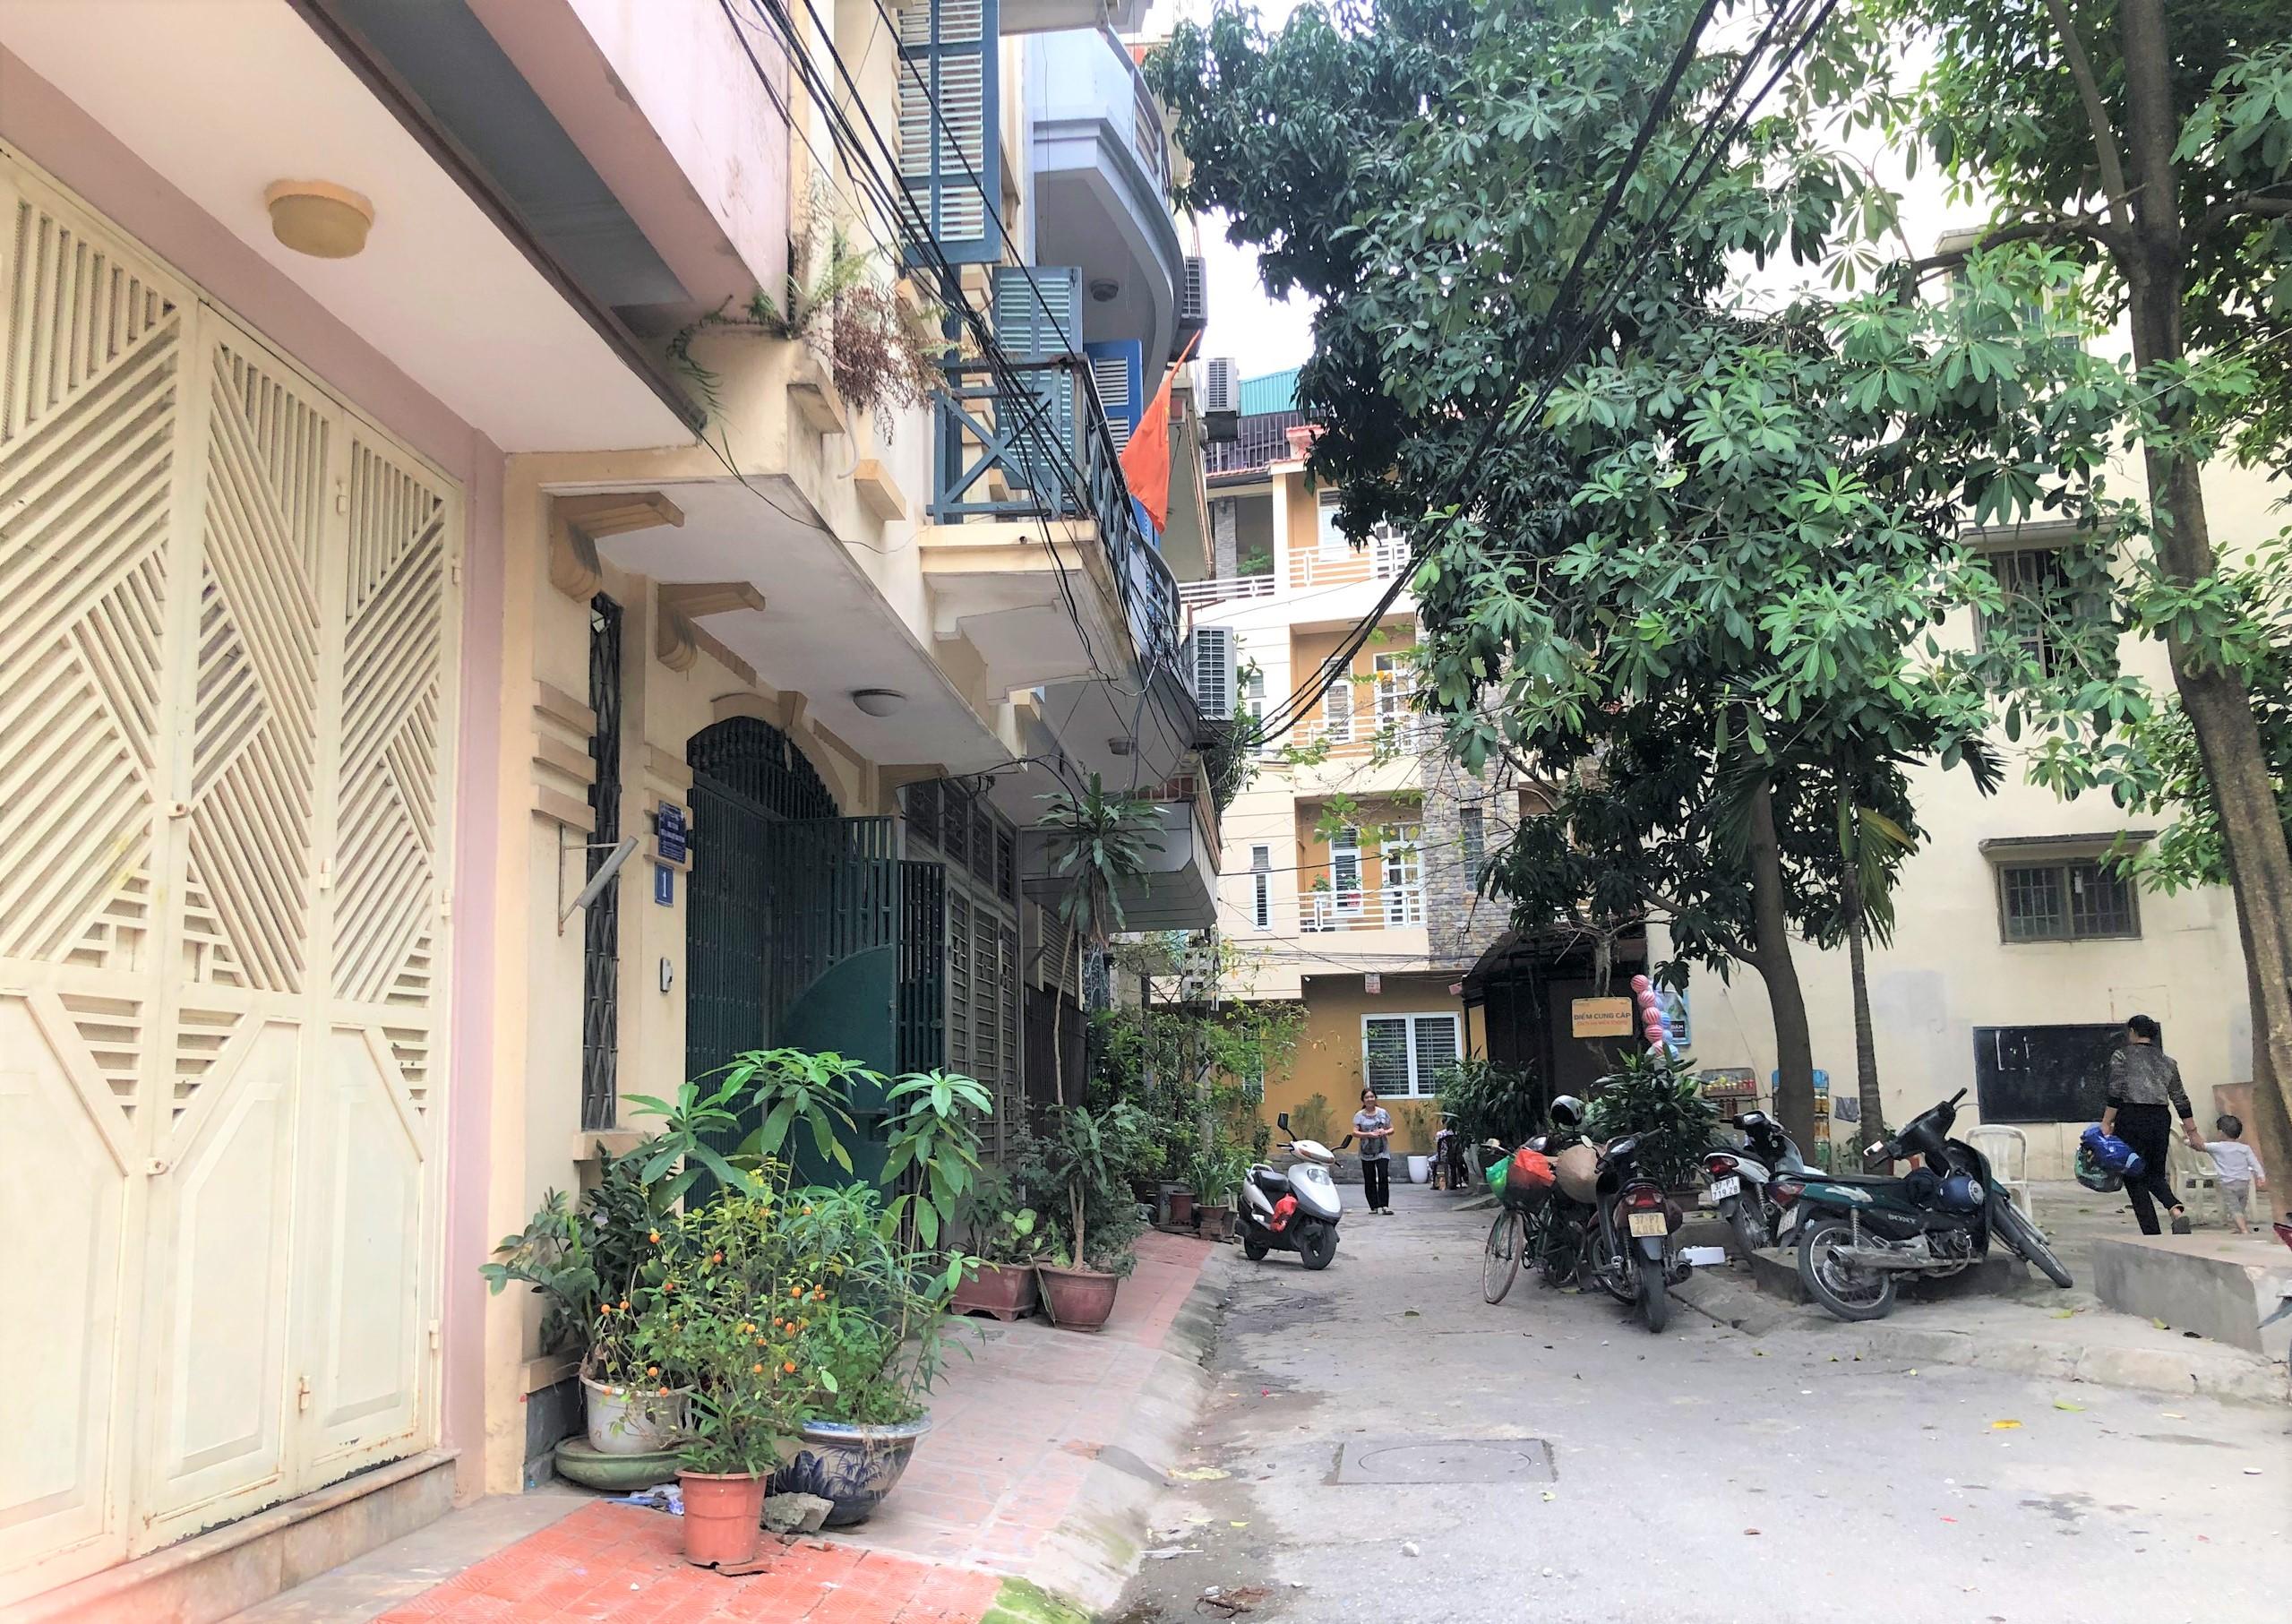 Đường sắp mở theo quy hoạch ở phường Liễu Giai, Ba Đình, Hà Nội (phần 2): Đường nối Đội Cấn - Hoàng Hoa Thám  - Ảnh 8.